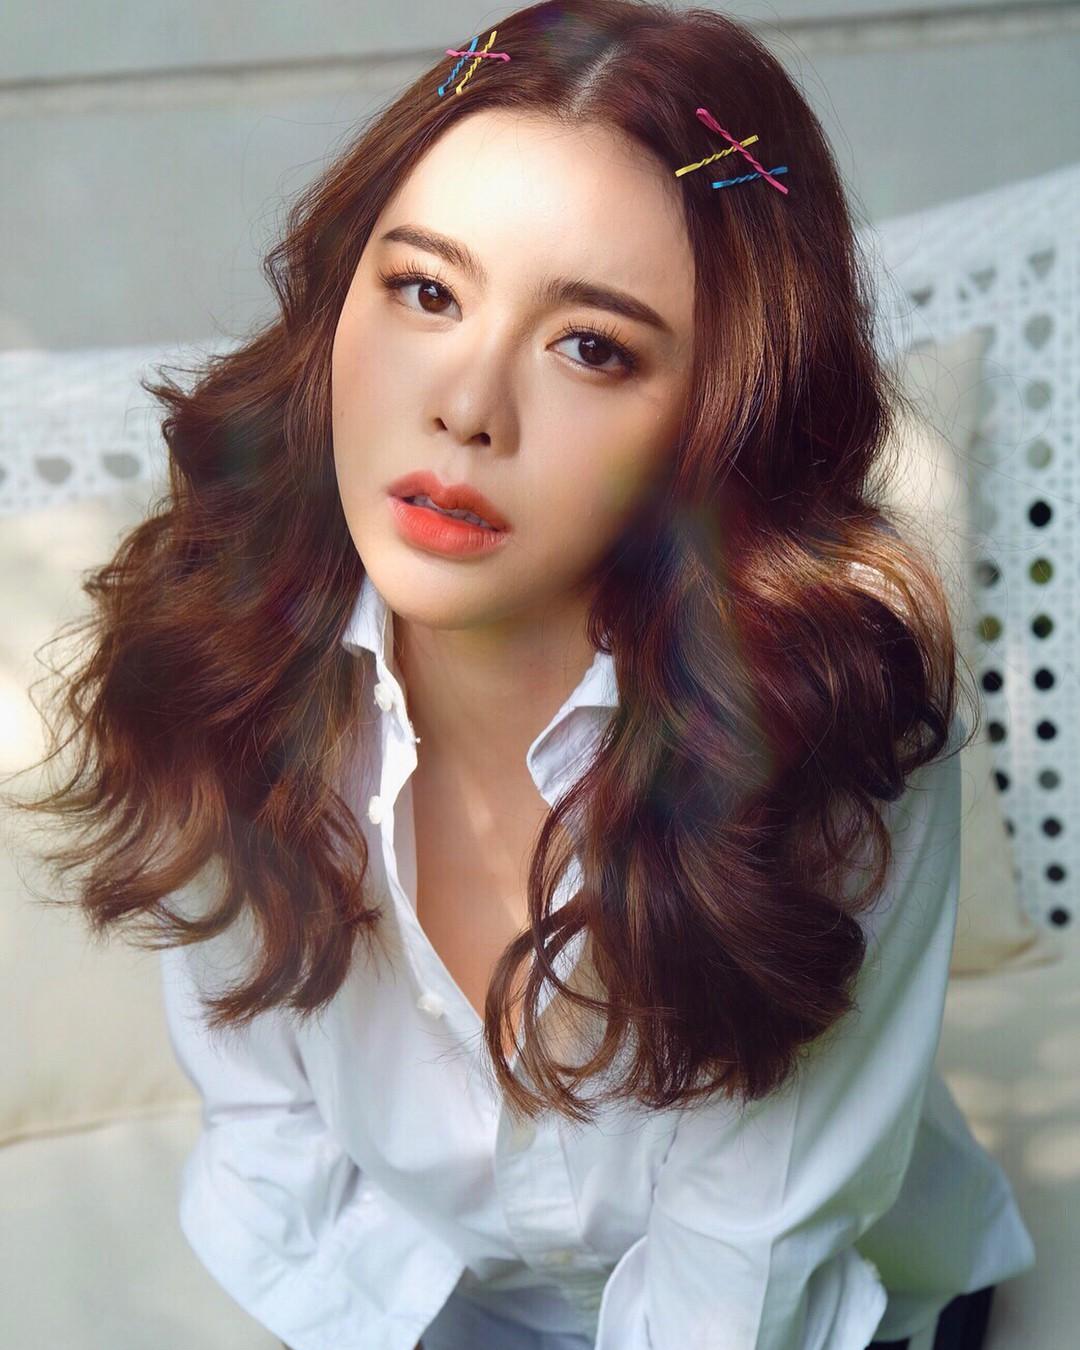 Top 10 mỹ nhân đẹp nhất đài truyền hình quyền lực Thái Lan: Toàn 9X đắt giá nhưng vẫn bị chị đại quyền lực vượt mặt - Ảnh 1.